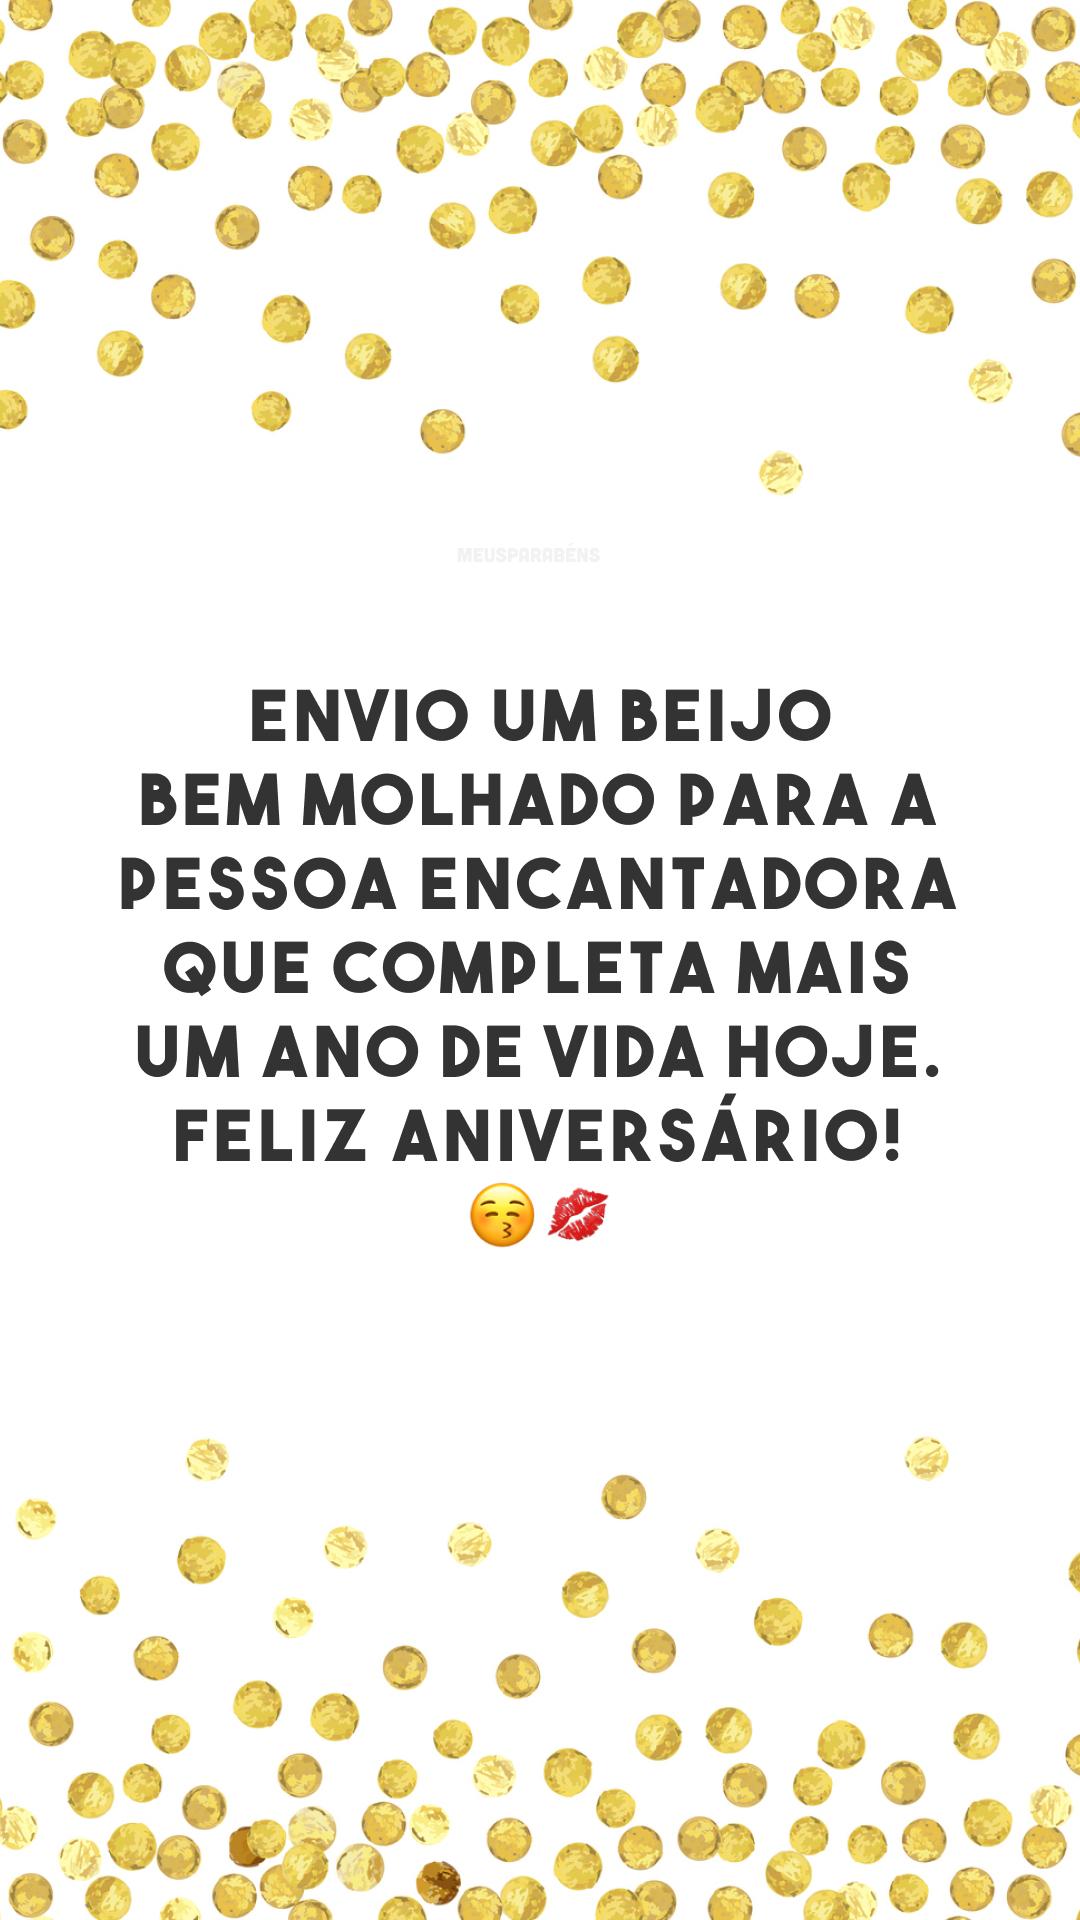 Envio um beijo bem molhado para a pessoa encantadora que completa mais um ano de vida hoje. Feliz aniversário! 😚💋